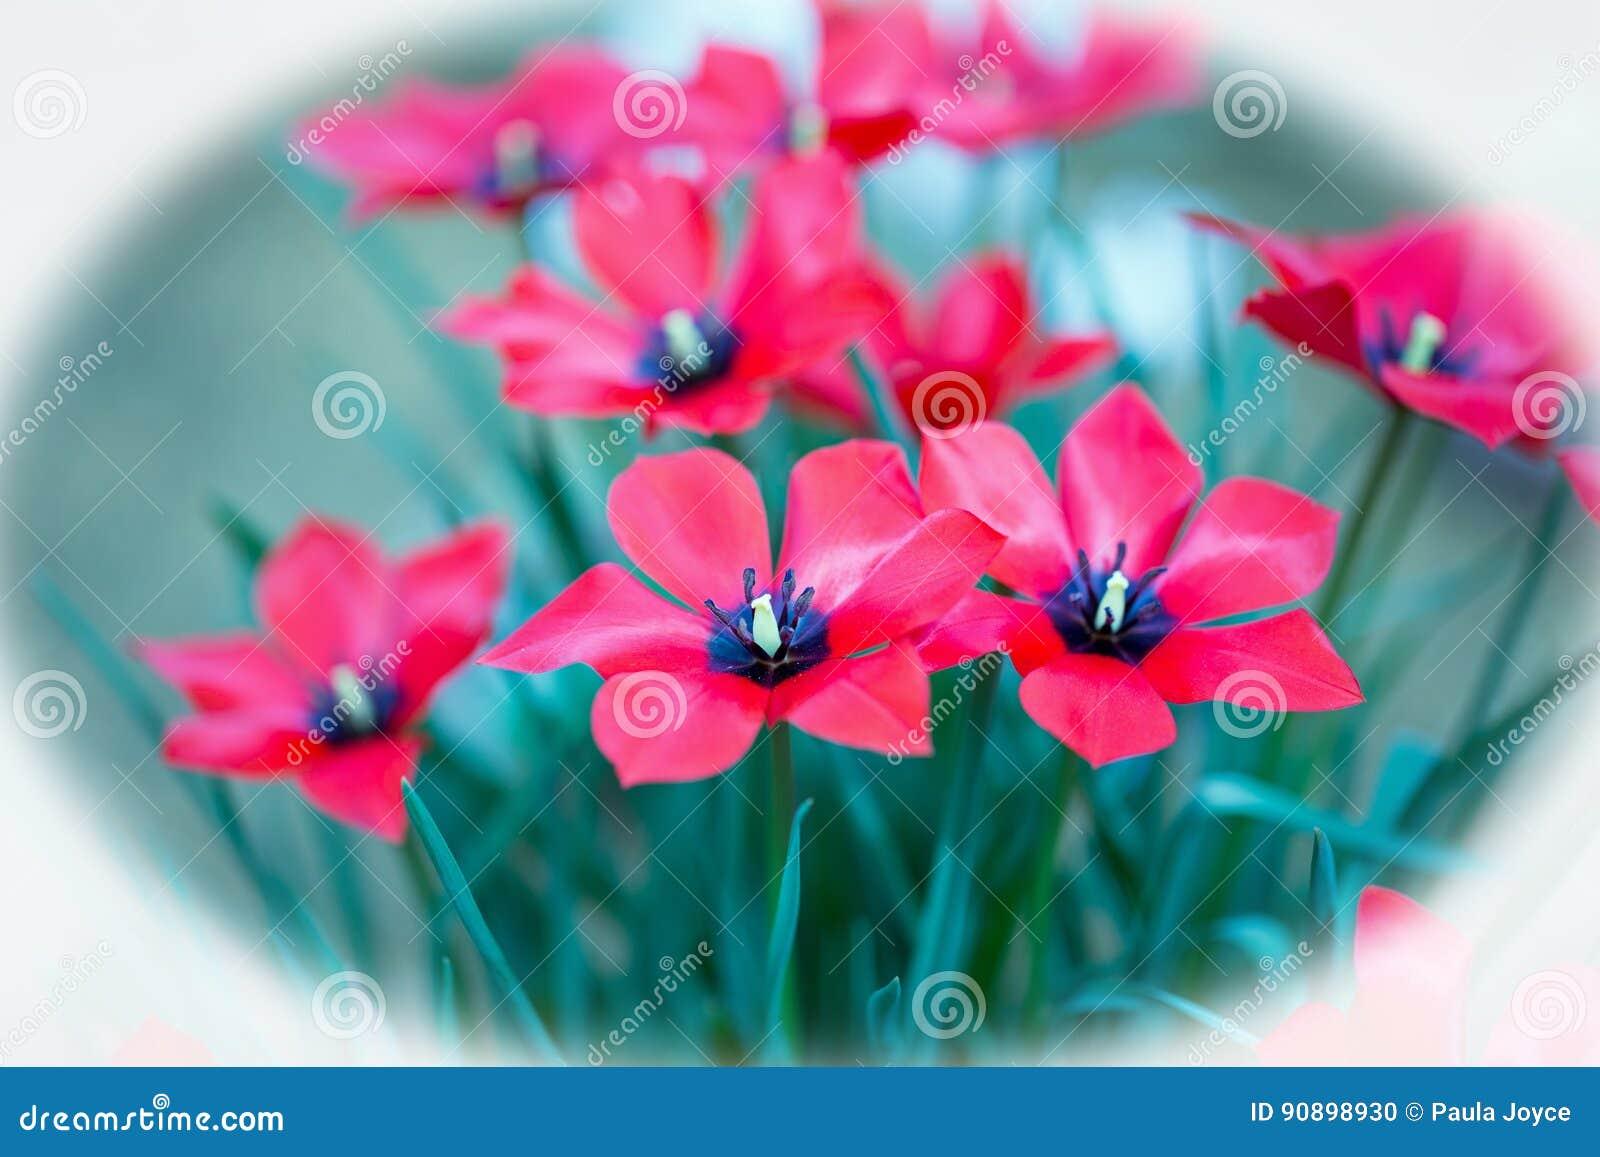 Fleurs Brillantes Rouges Assez Petites Avec étamine Noire En Pleine